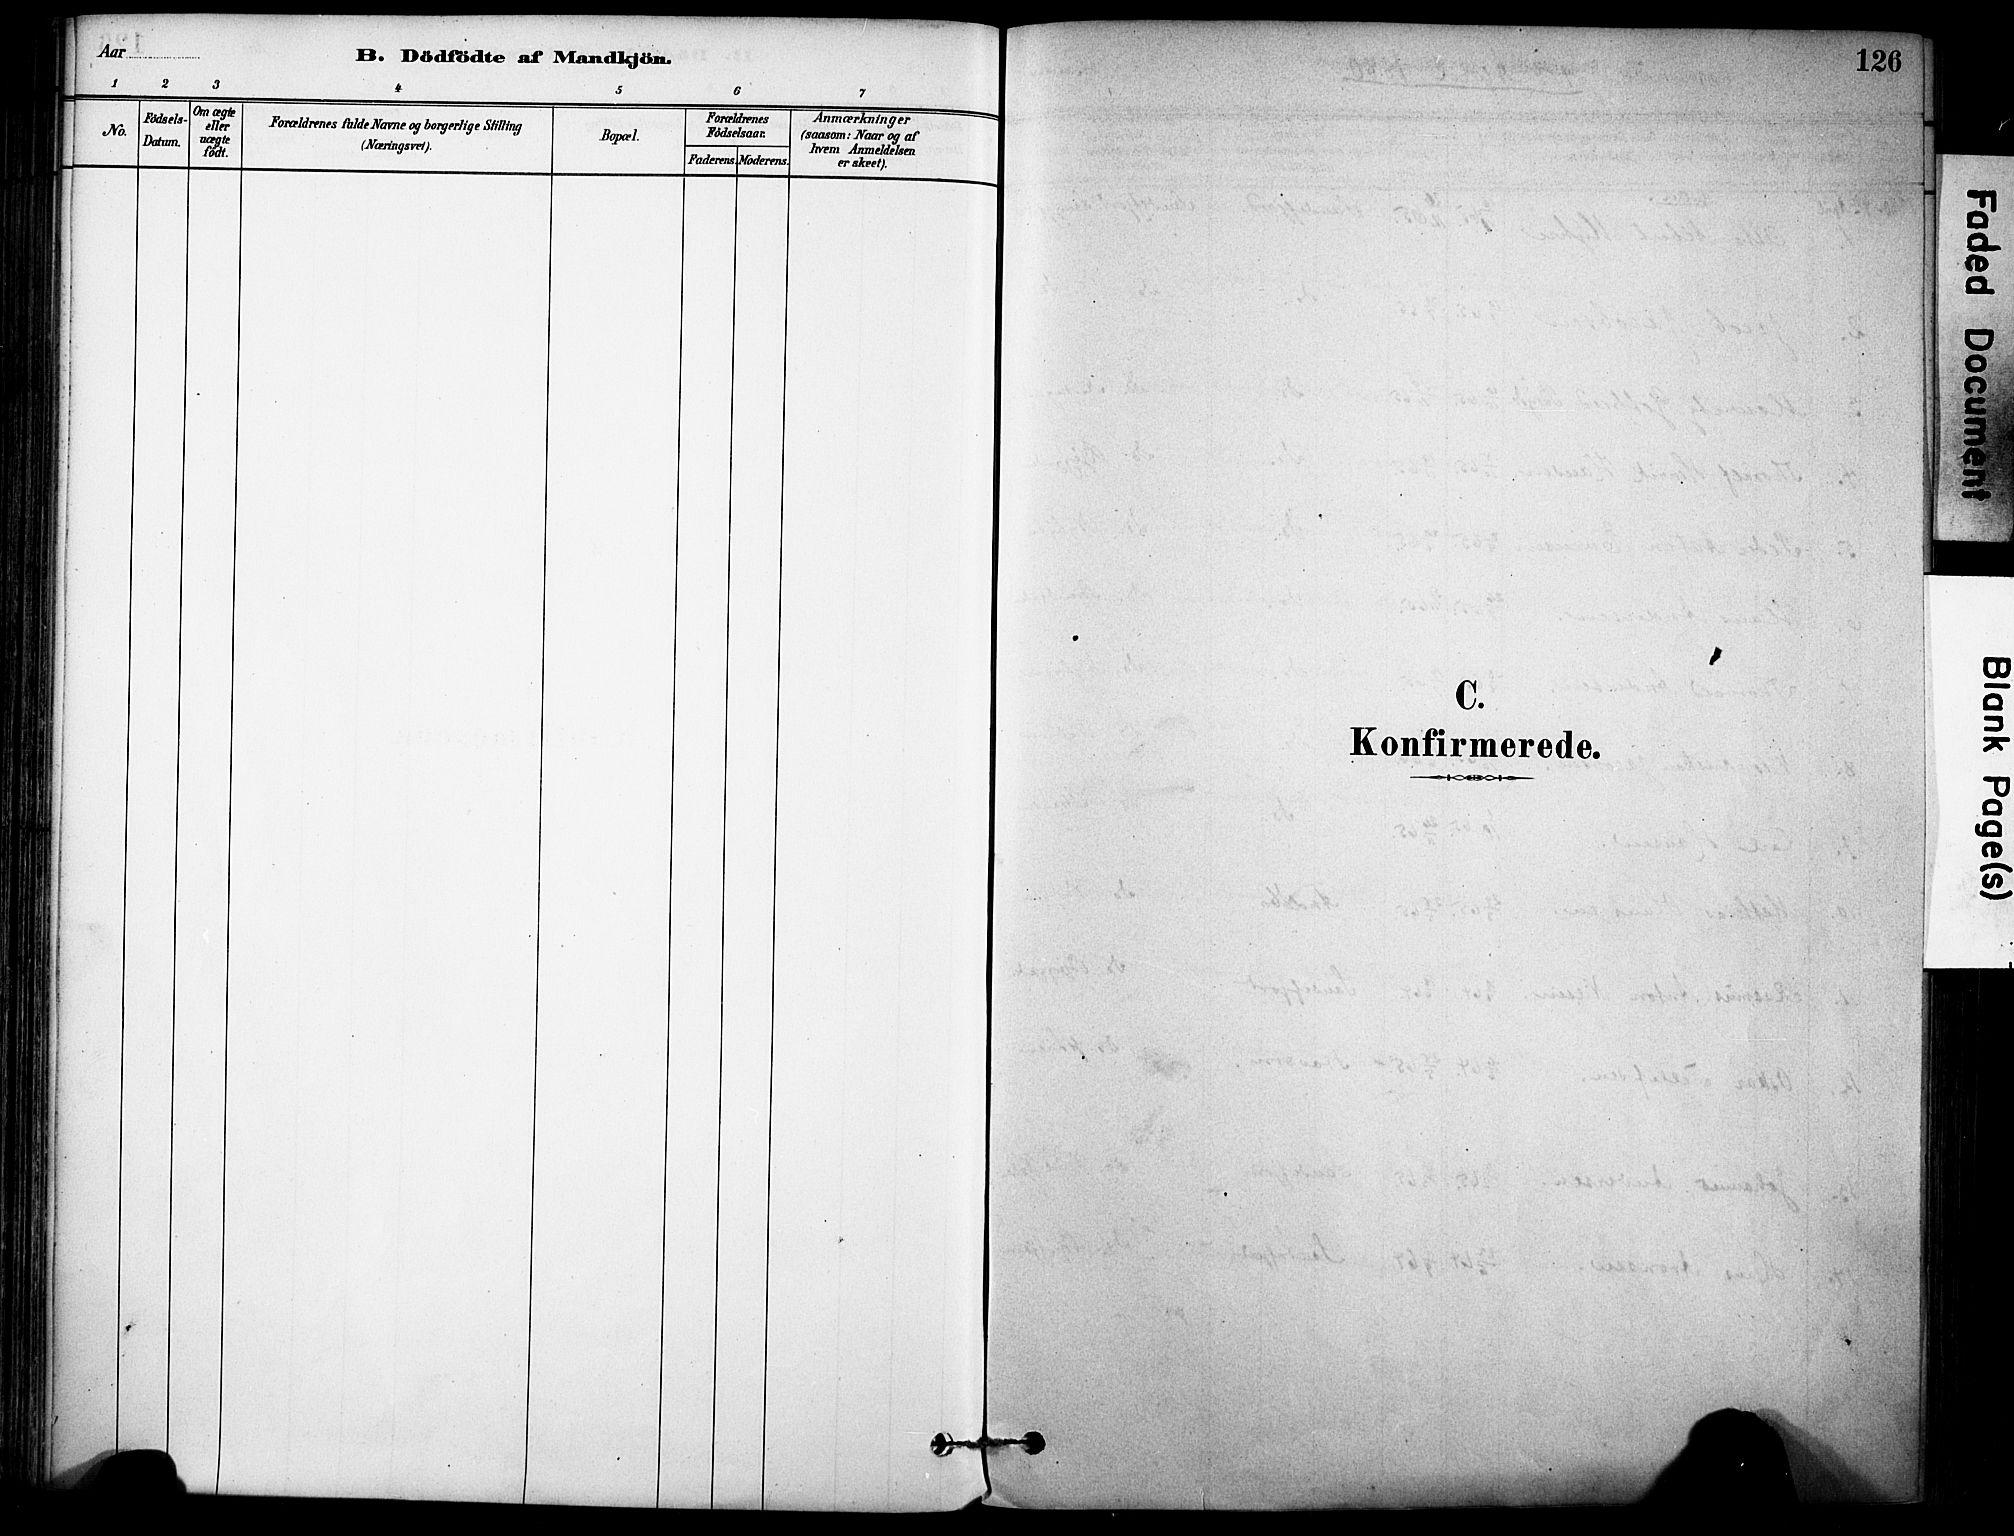 SAKO, Sandefjord kirkebøker, F/Fa/L0002: Ministerialbok nr. 2, 1880-1894, s. 126